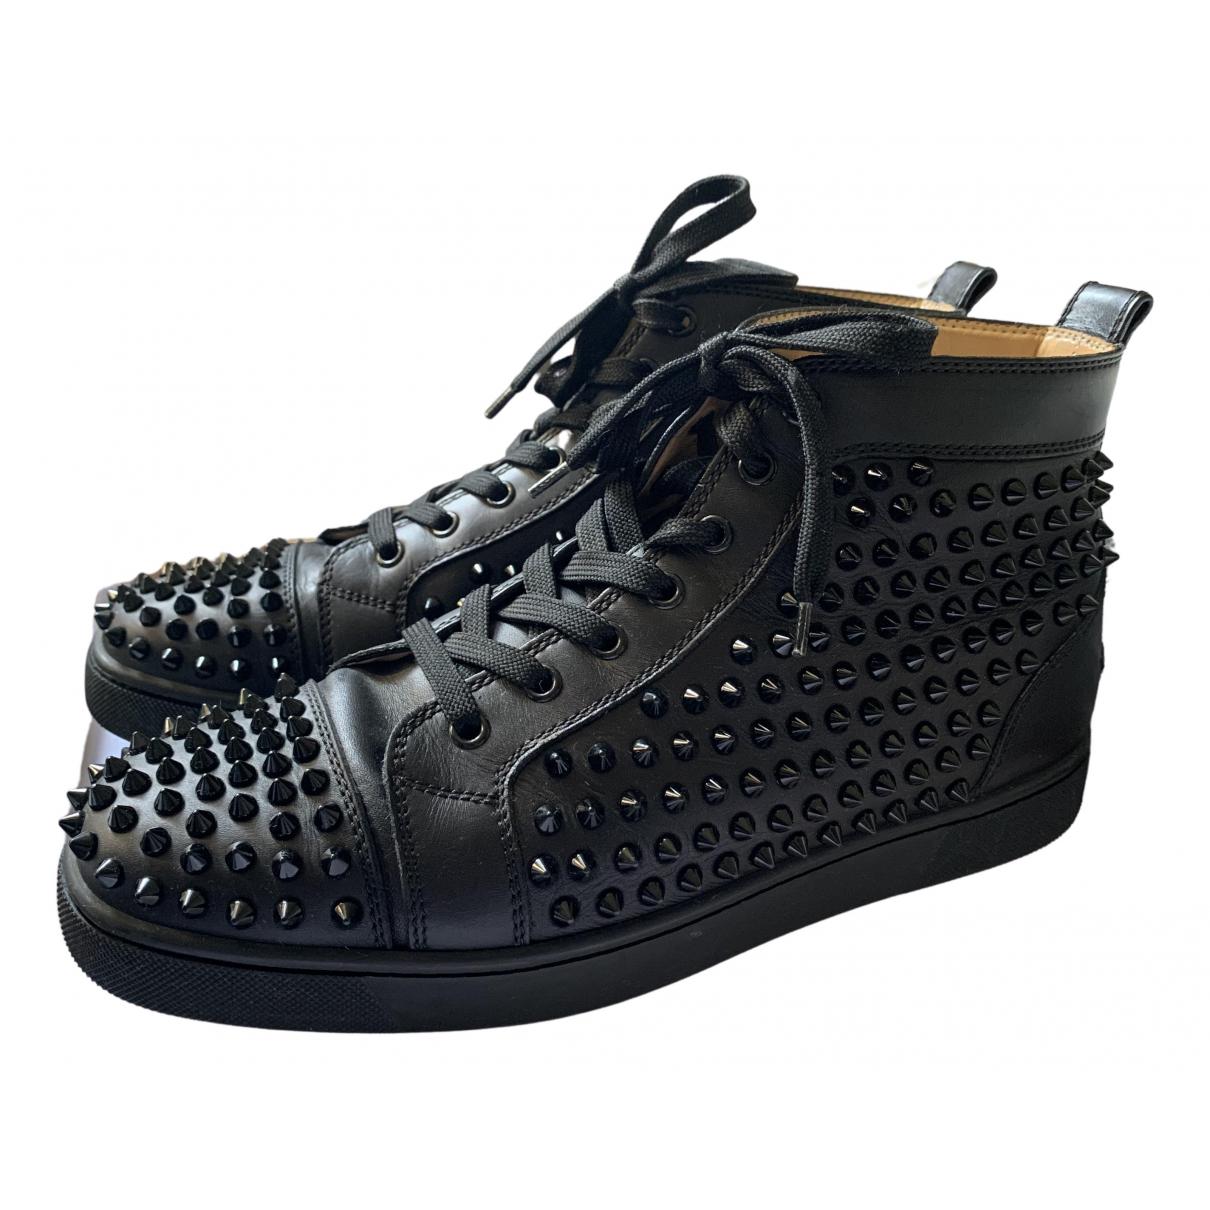 Christian Louboutin Louis Sneakers in  Schwarz Leder